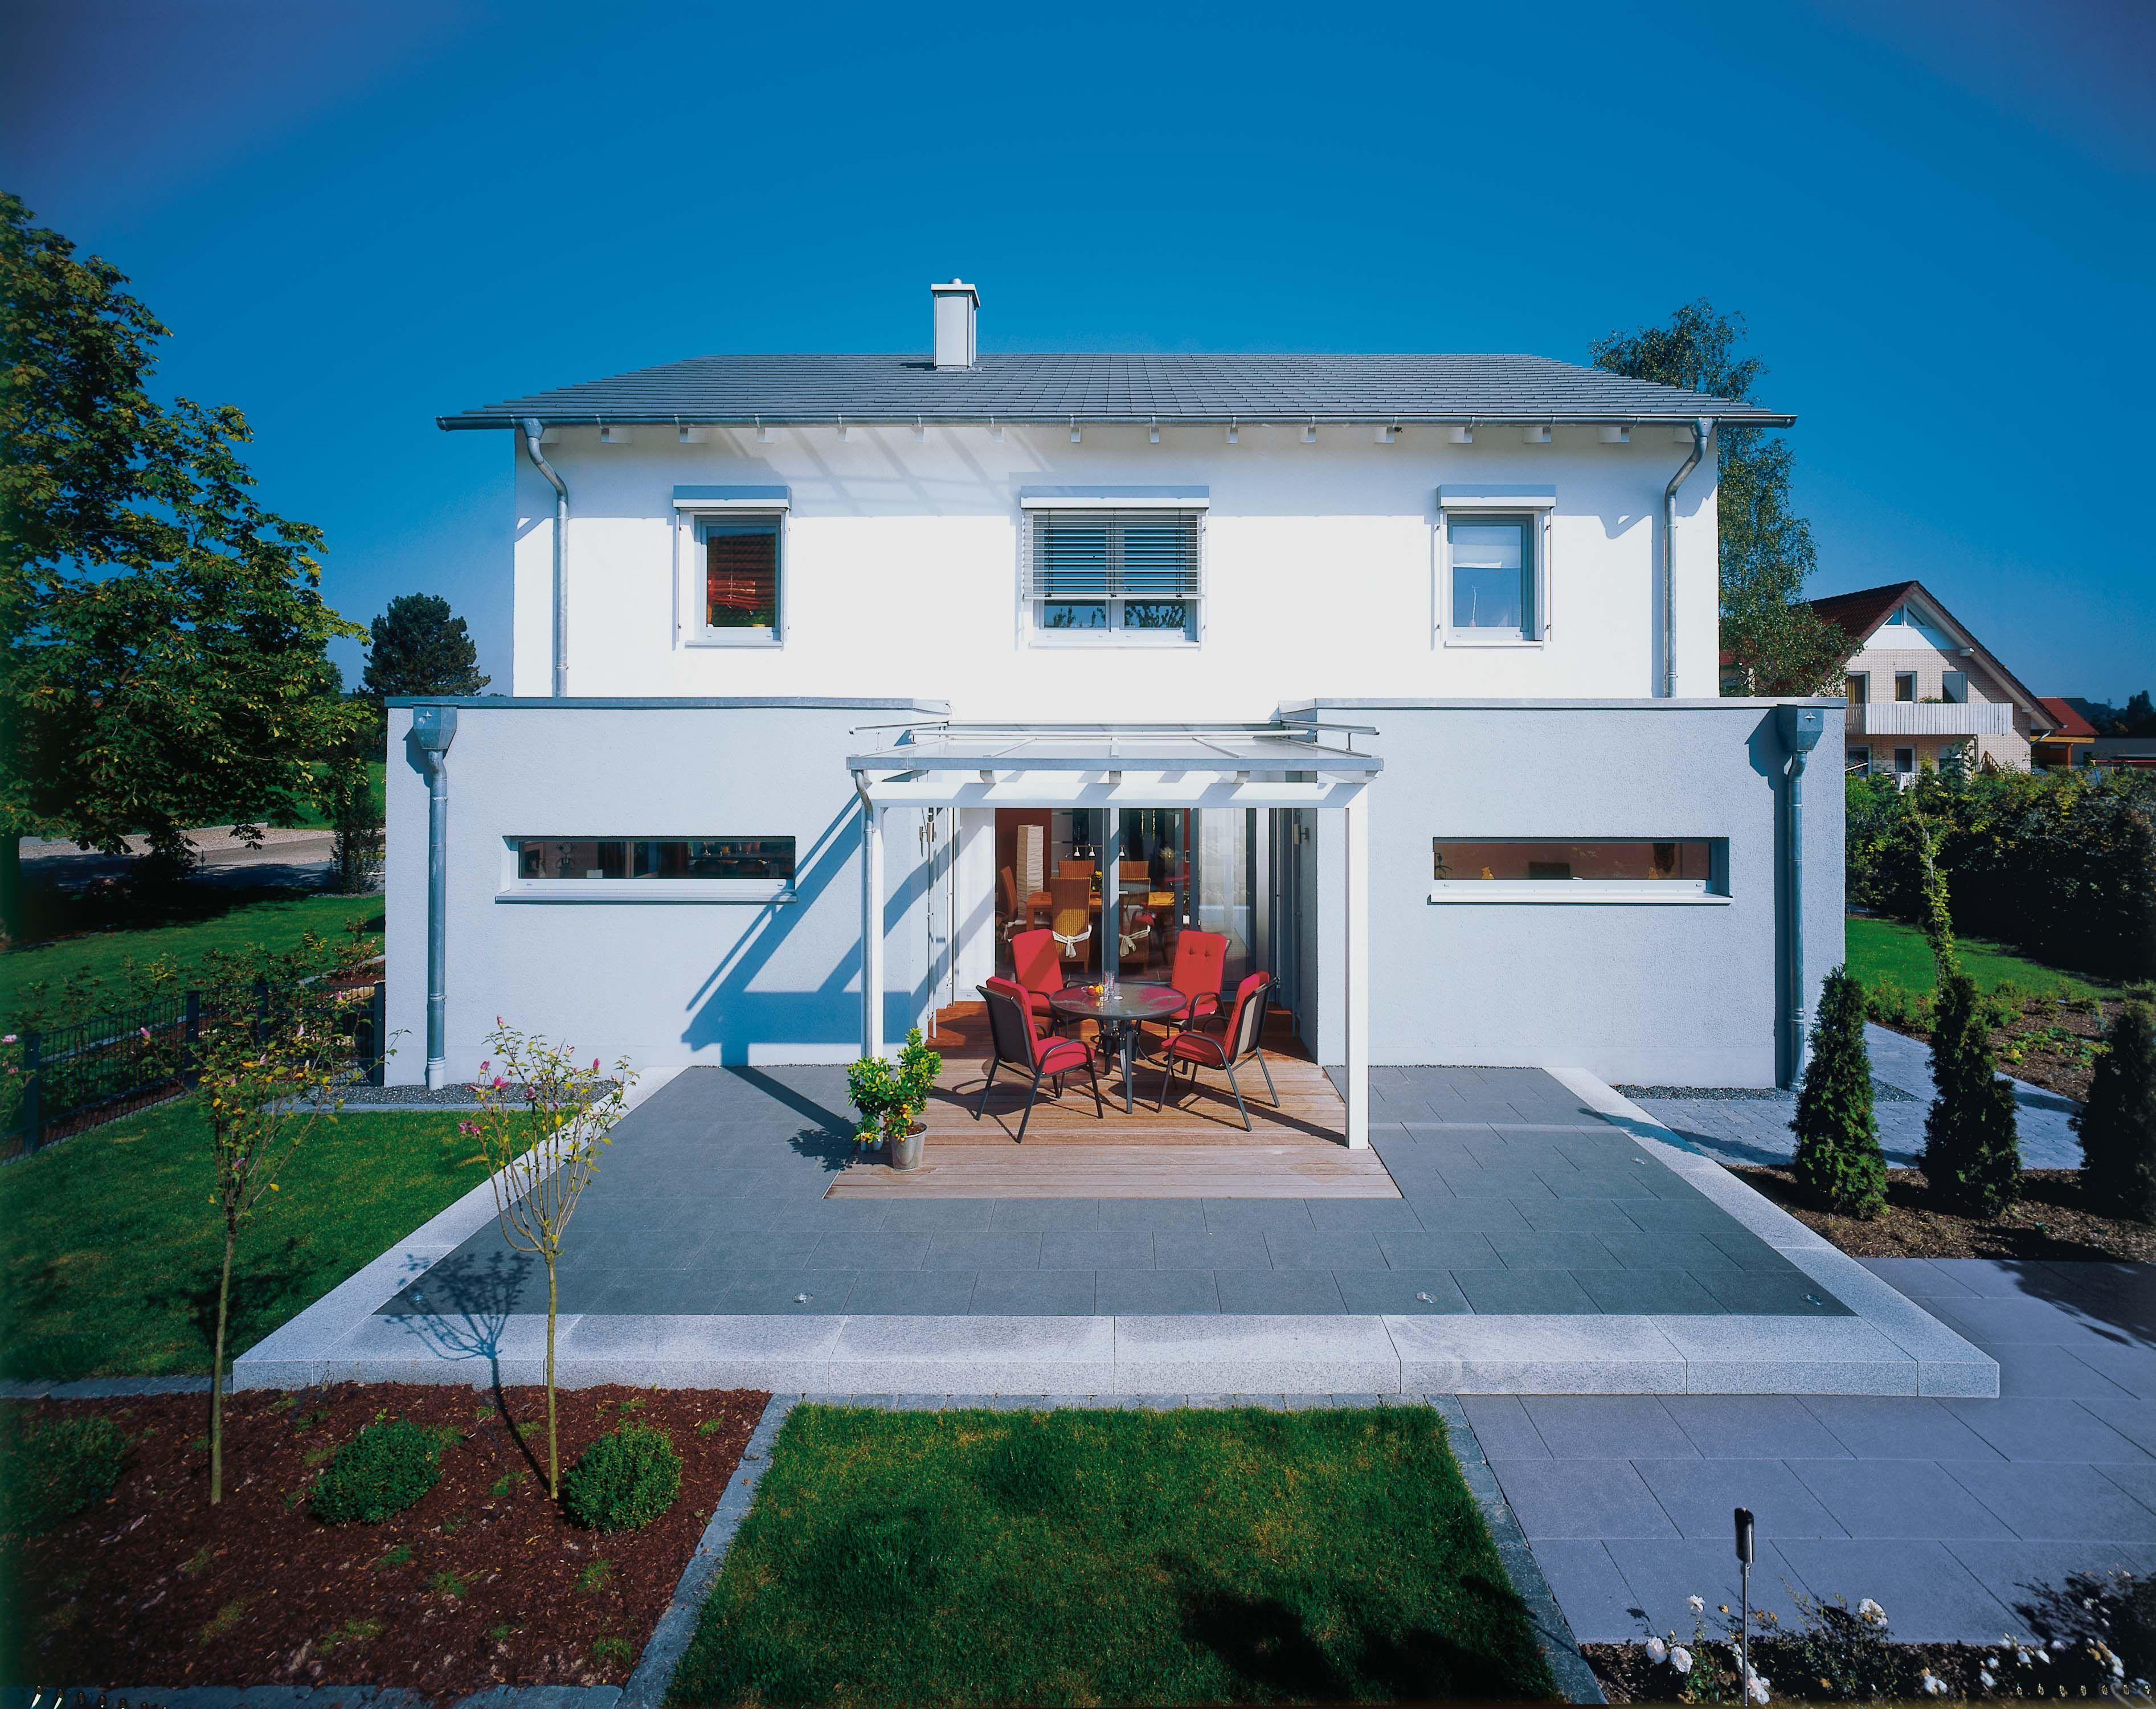 Rothe 3 | House | Pinterest | Neue häuser, Haus ideen und Hausbau